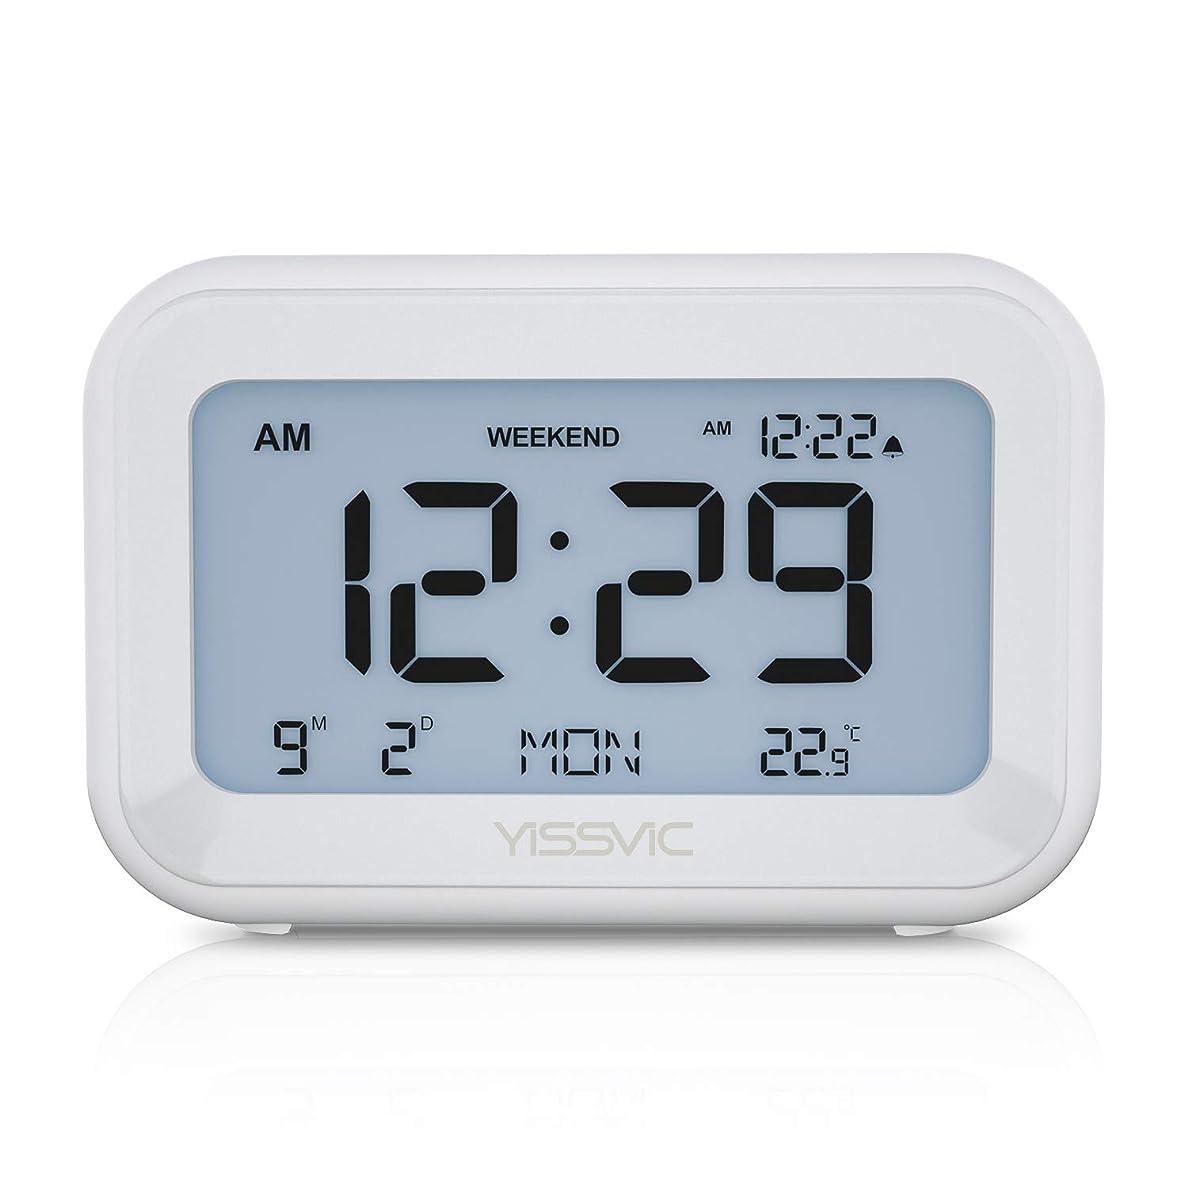 ハグ昇進粒YISSVIC 置き時計 デジタル時計 目覚まし時計 トラベルクロック アラーム スヌーズ機能 日付/曜日/温度表示 週末モード 電池式 LCD バックライト 音量調整可能 大音量 シンプル 旅行/出張などに